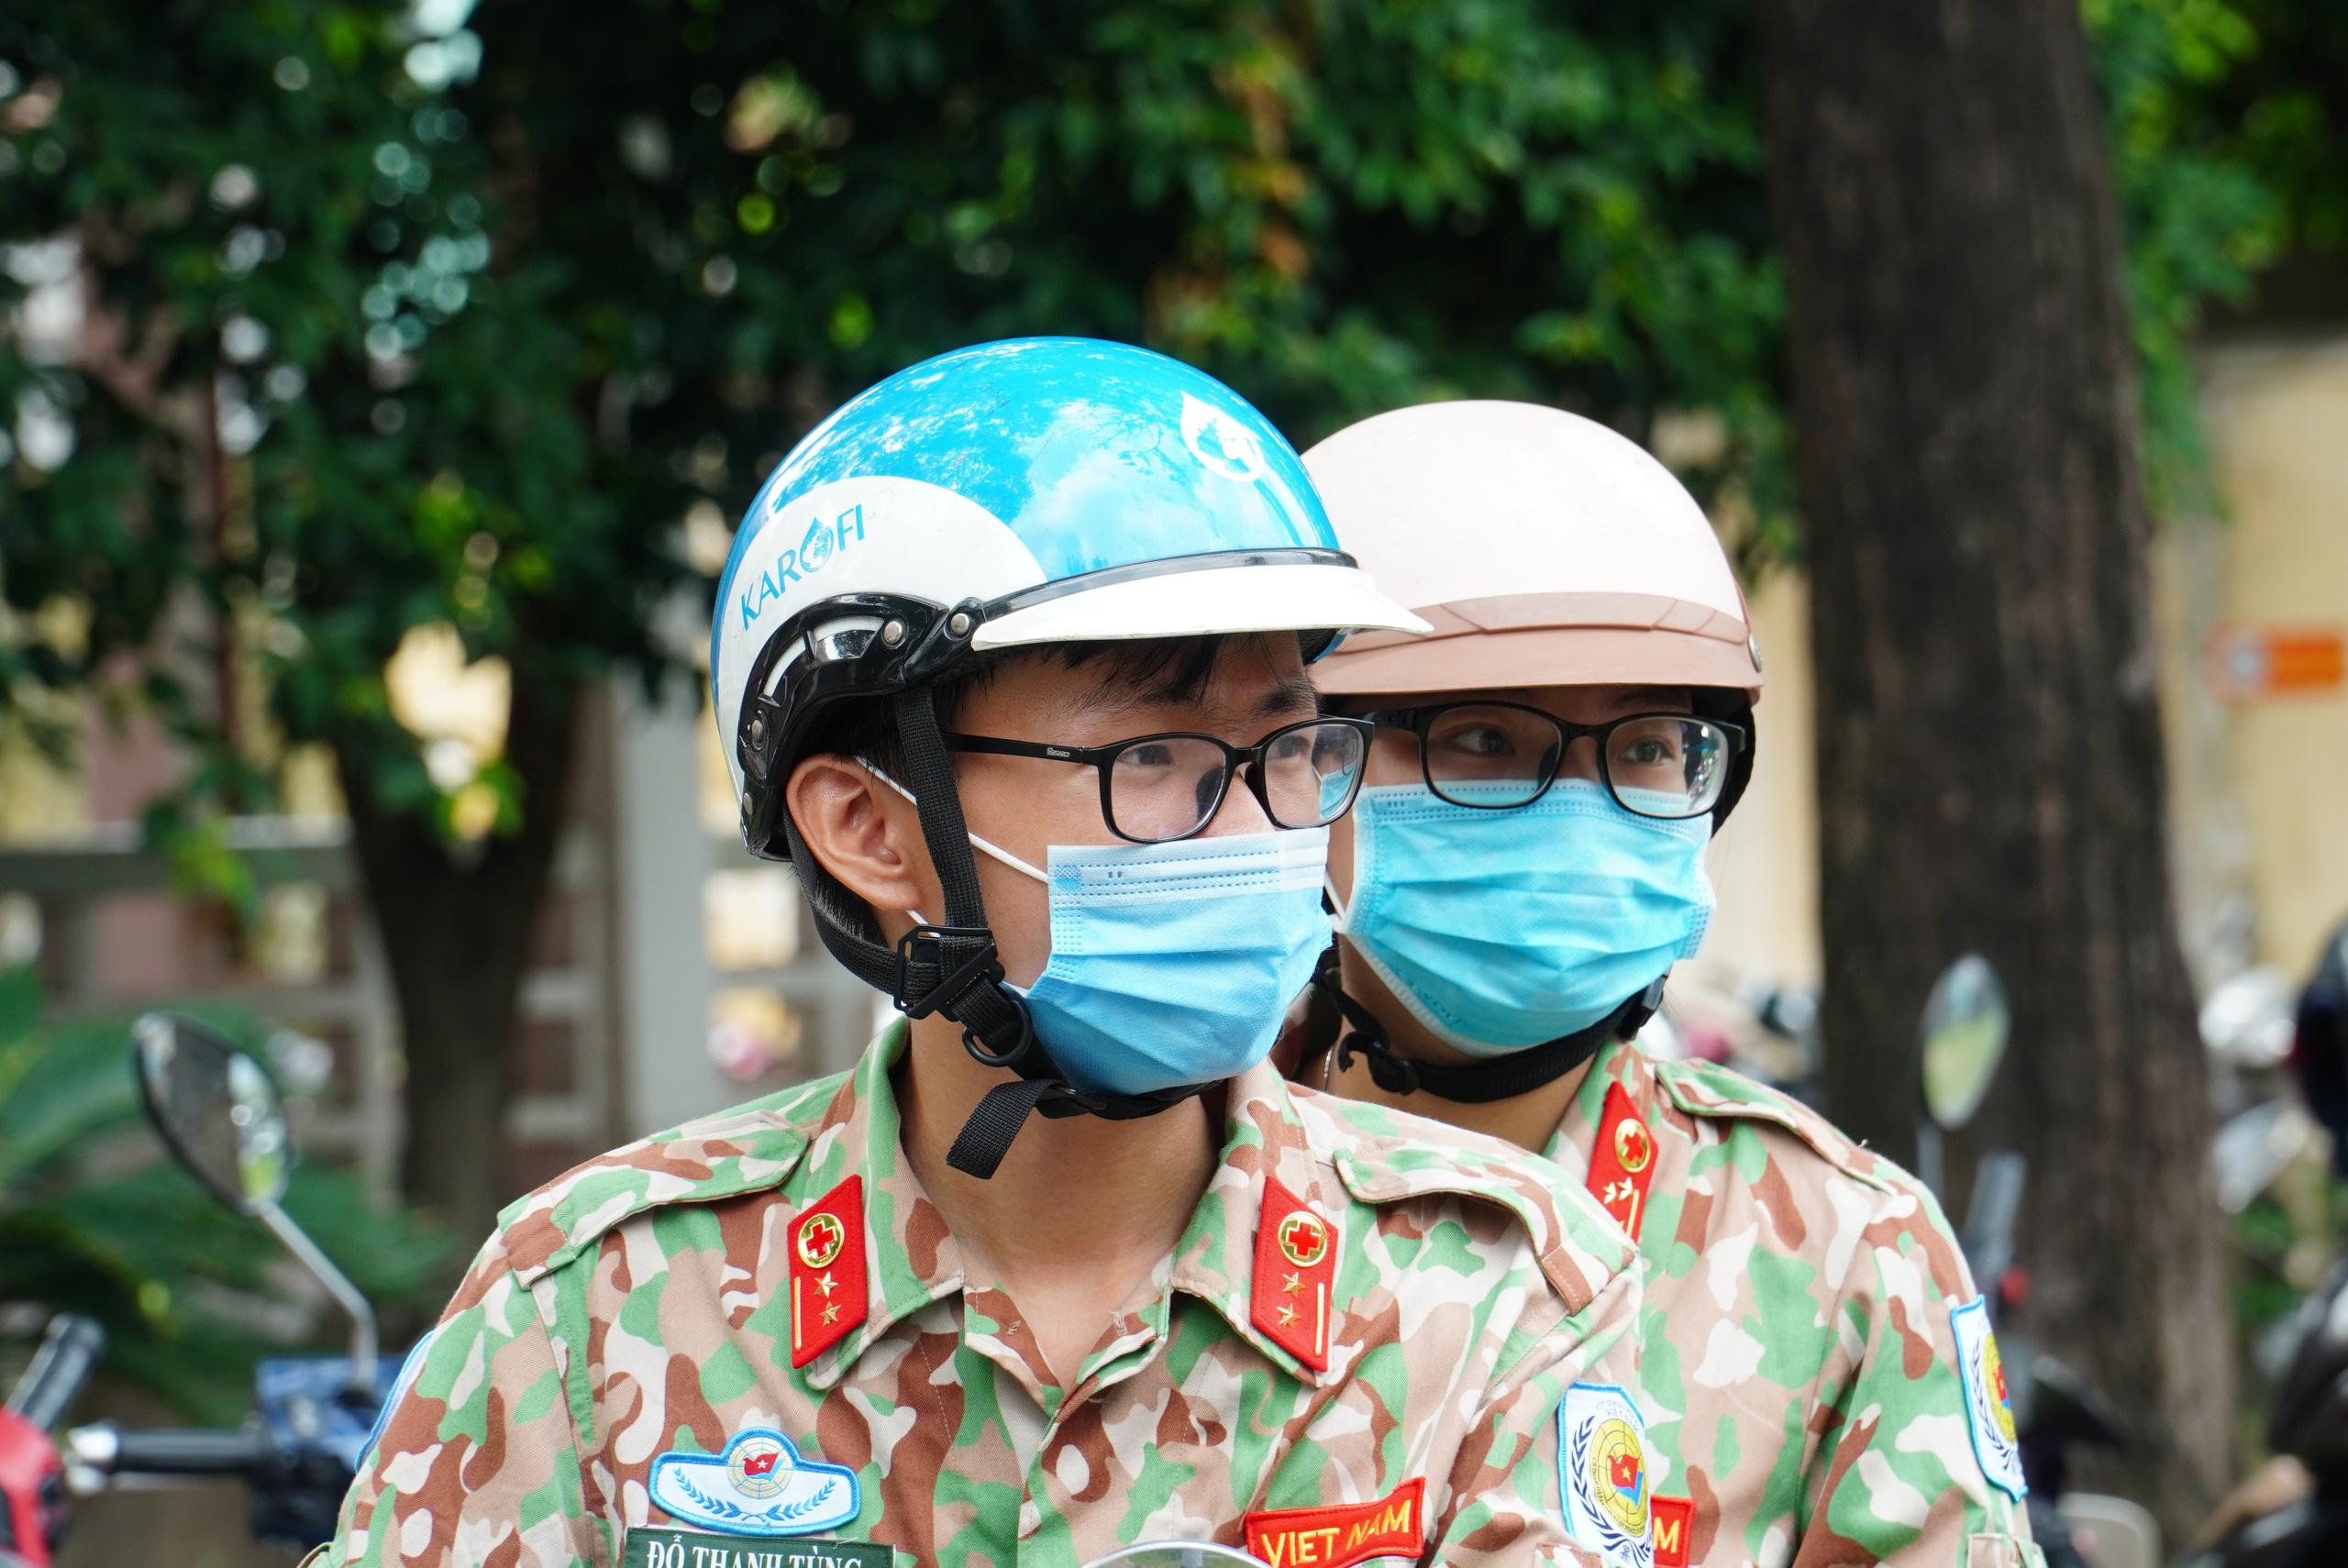 Gác chuyện riêng, vợ chồng mũ nồi xanh lên đường gìn giữ hòa bình - Ảnh 22.